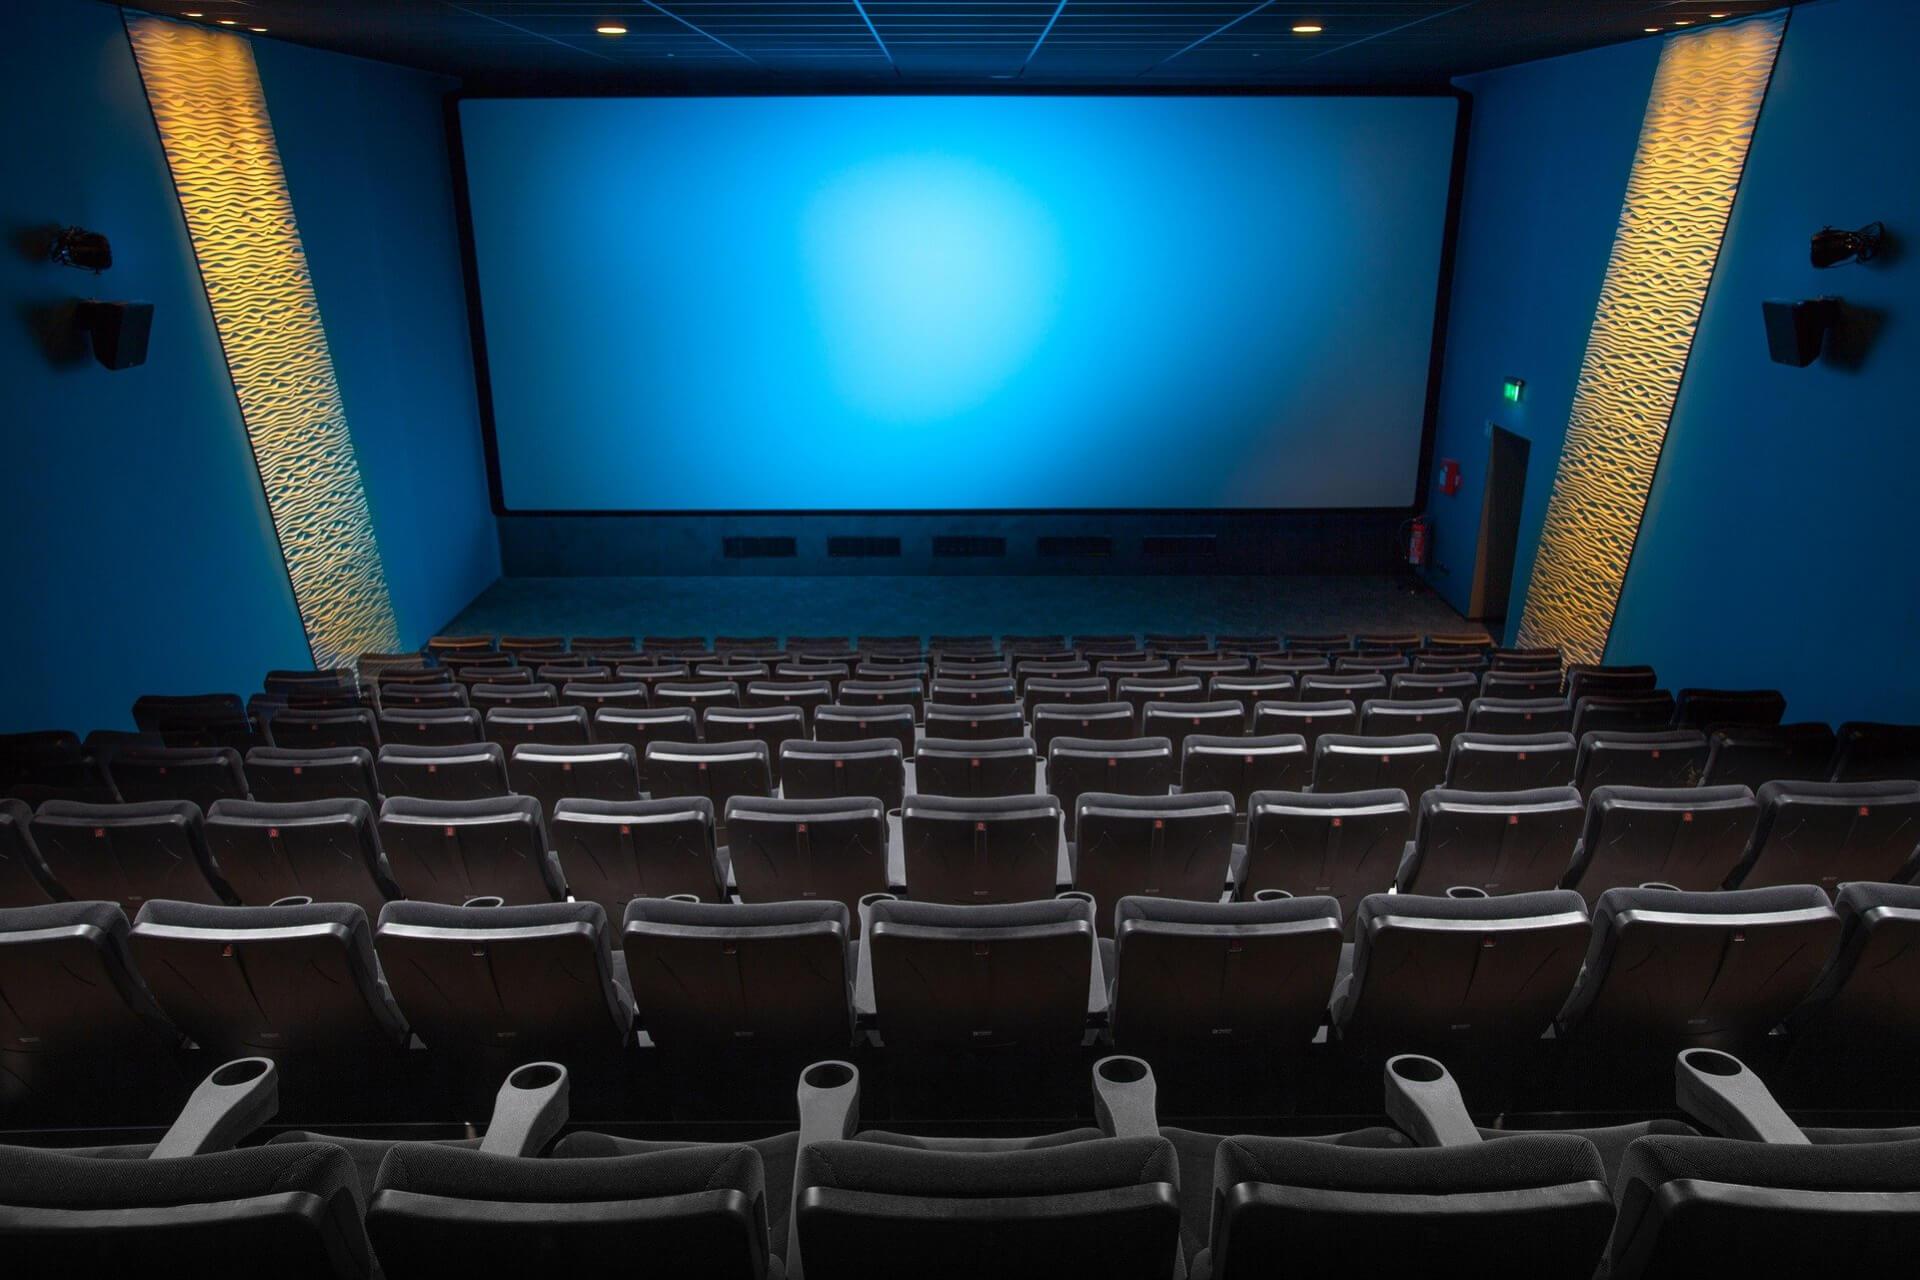 Экономика кино. Средний чек затрат в кинотеатрах оказался ниже уровней 2020 и 2019 гг.